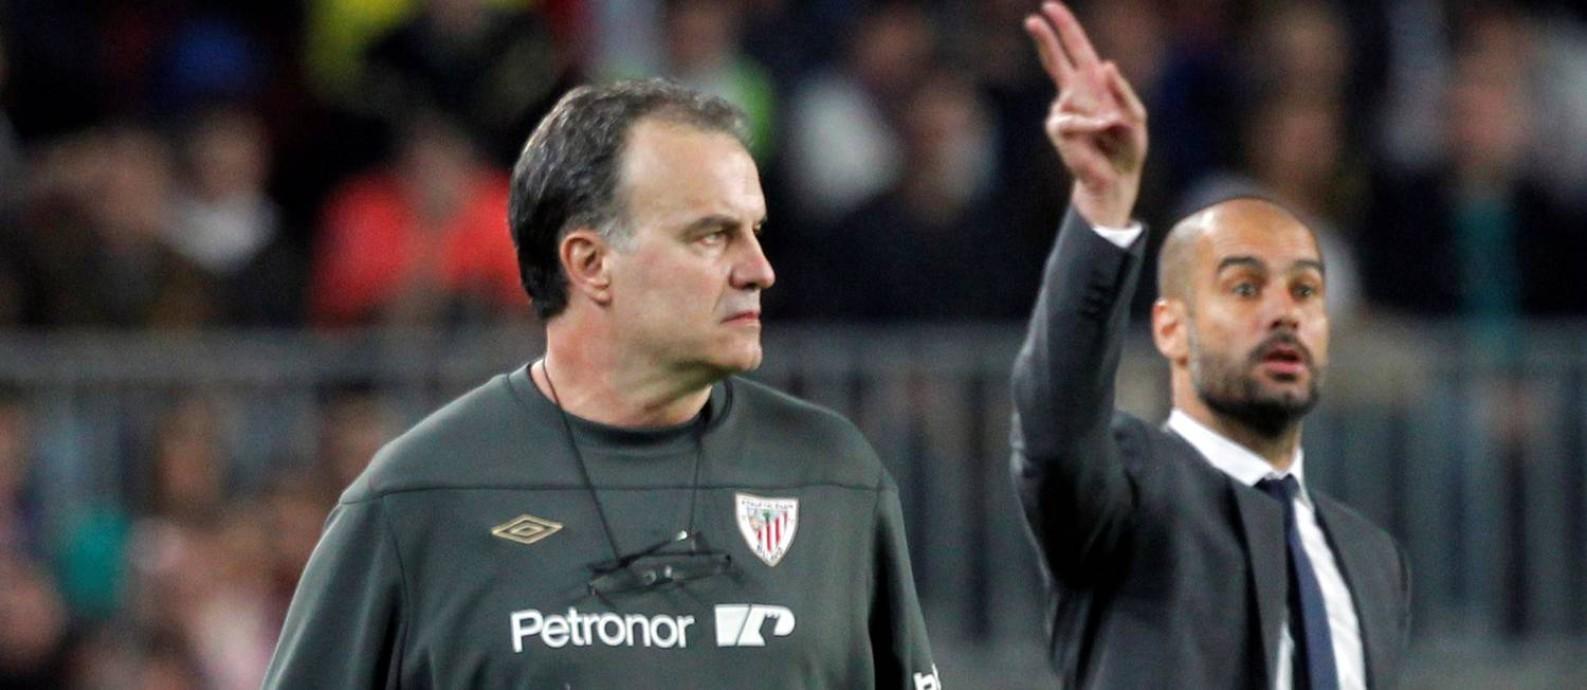 Bielsa x Guardiola: mestre e discípulo se encontram neste sábado no  Campeonato Inglês - Jornal O Globo